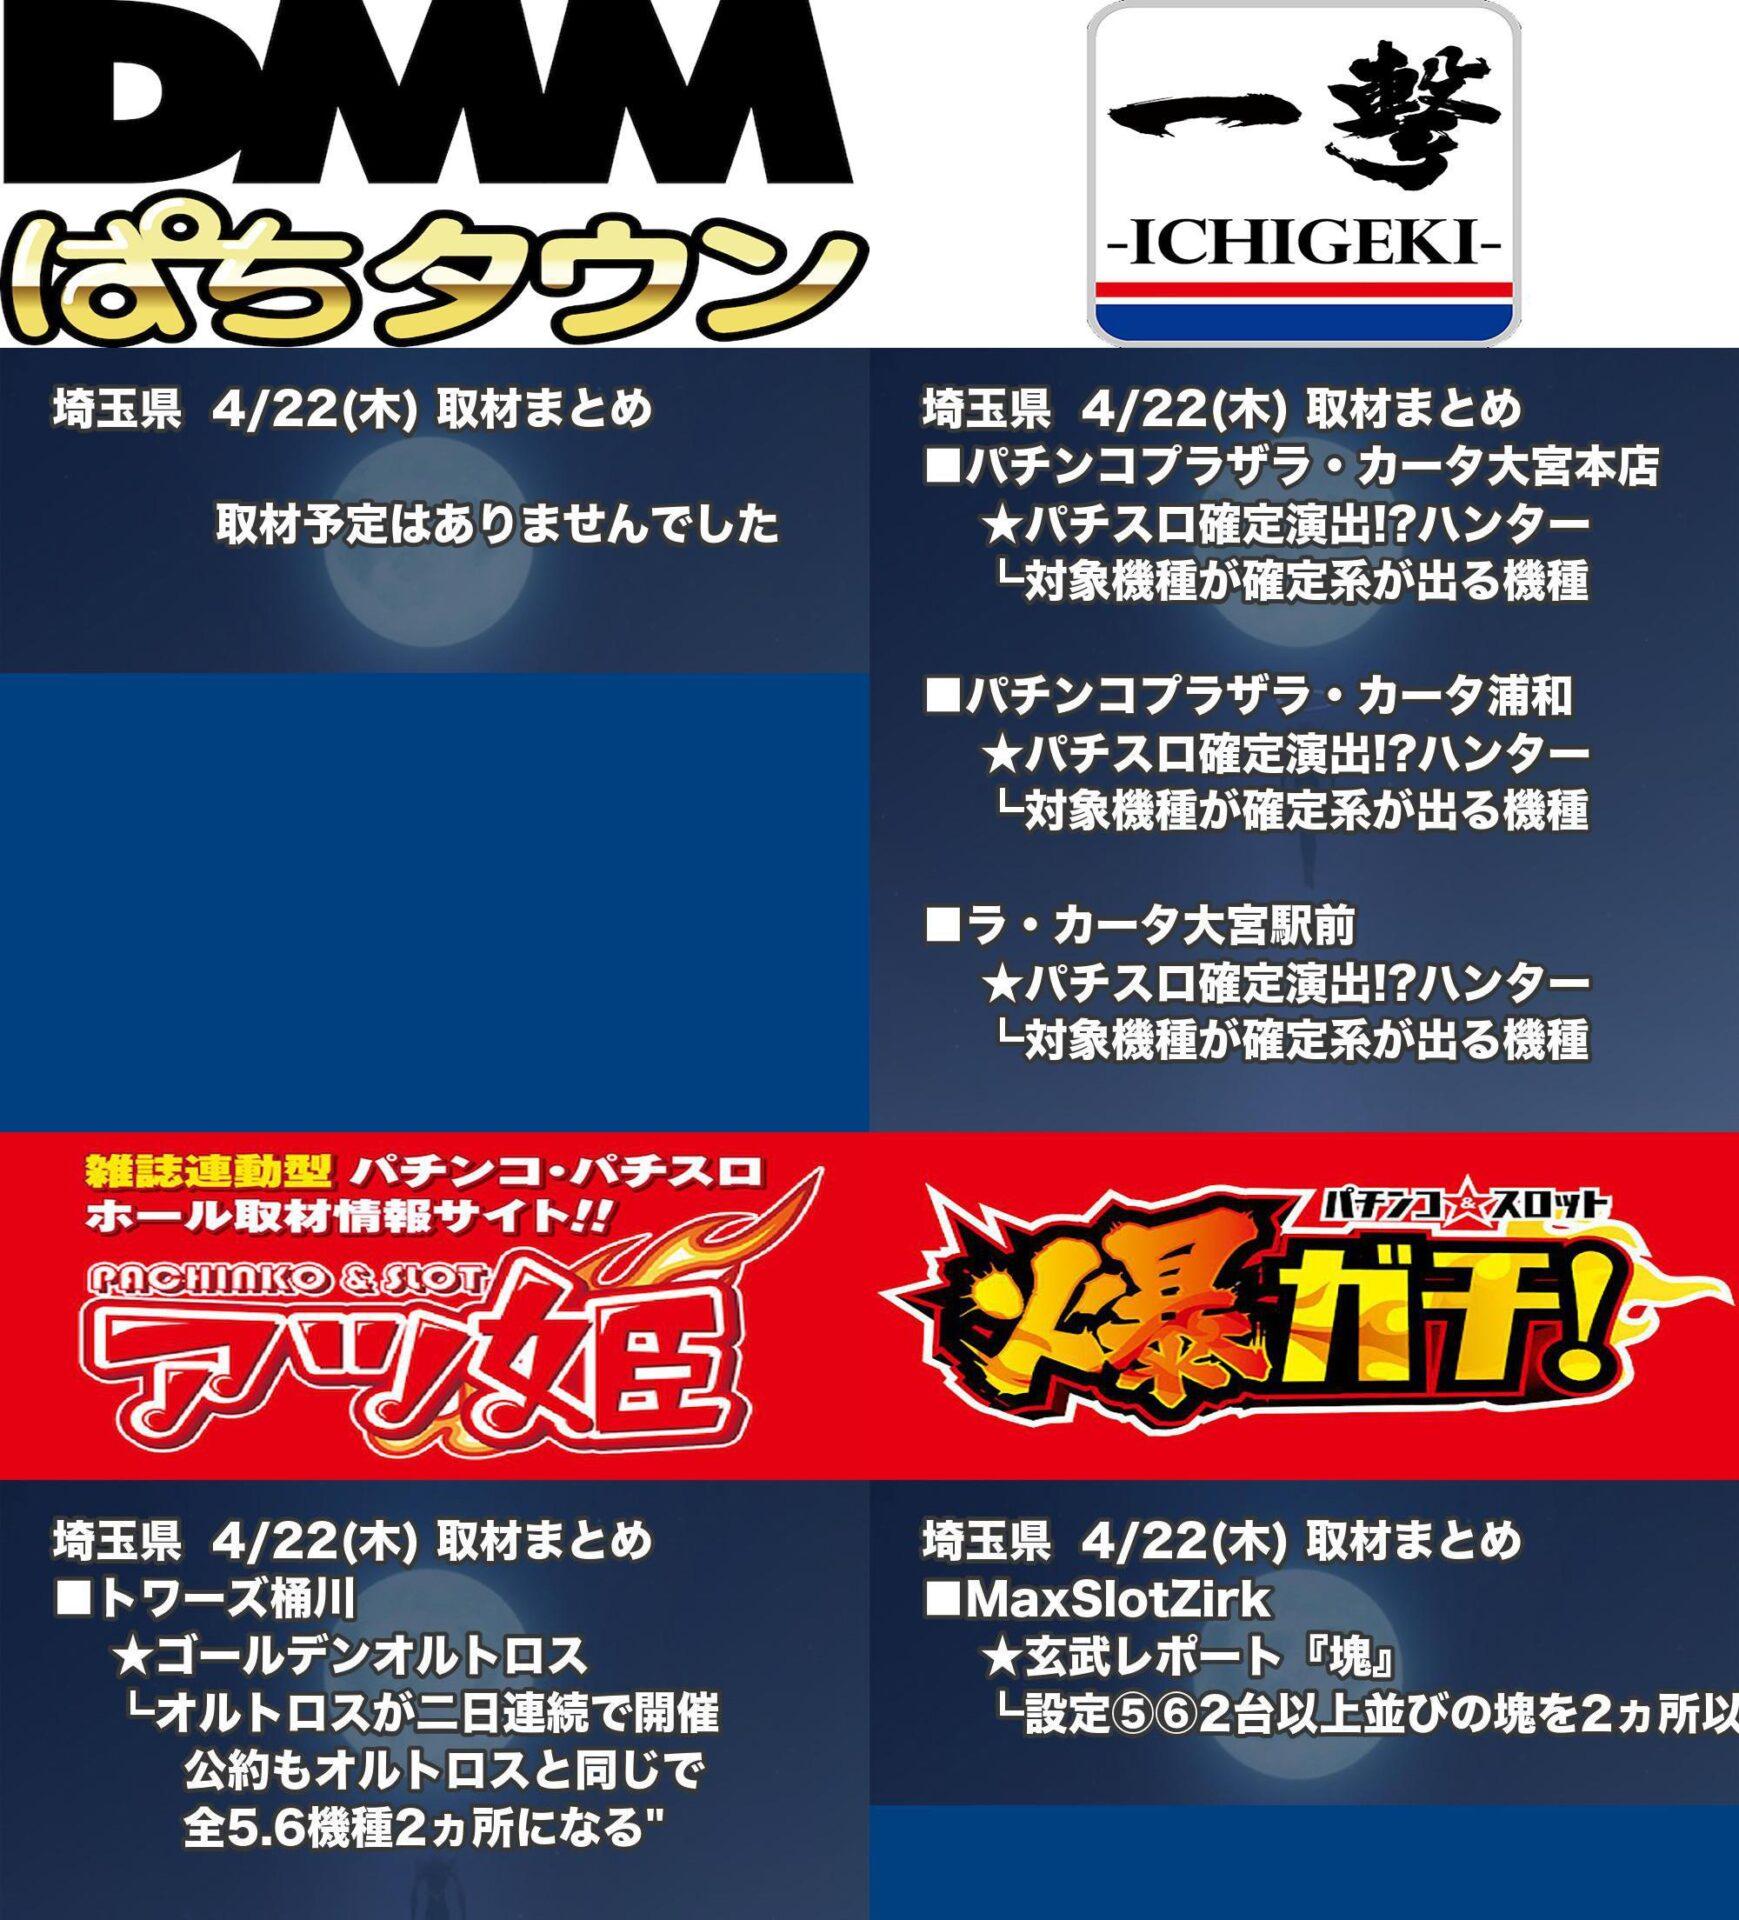 埼玉県_2021-04-22_パチンコ・パチスロ